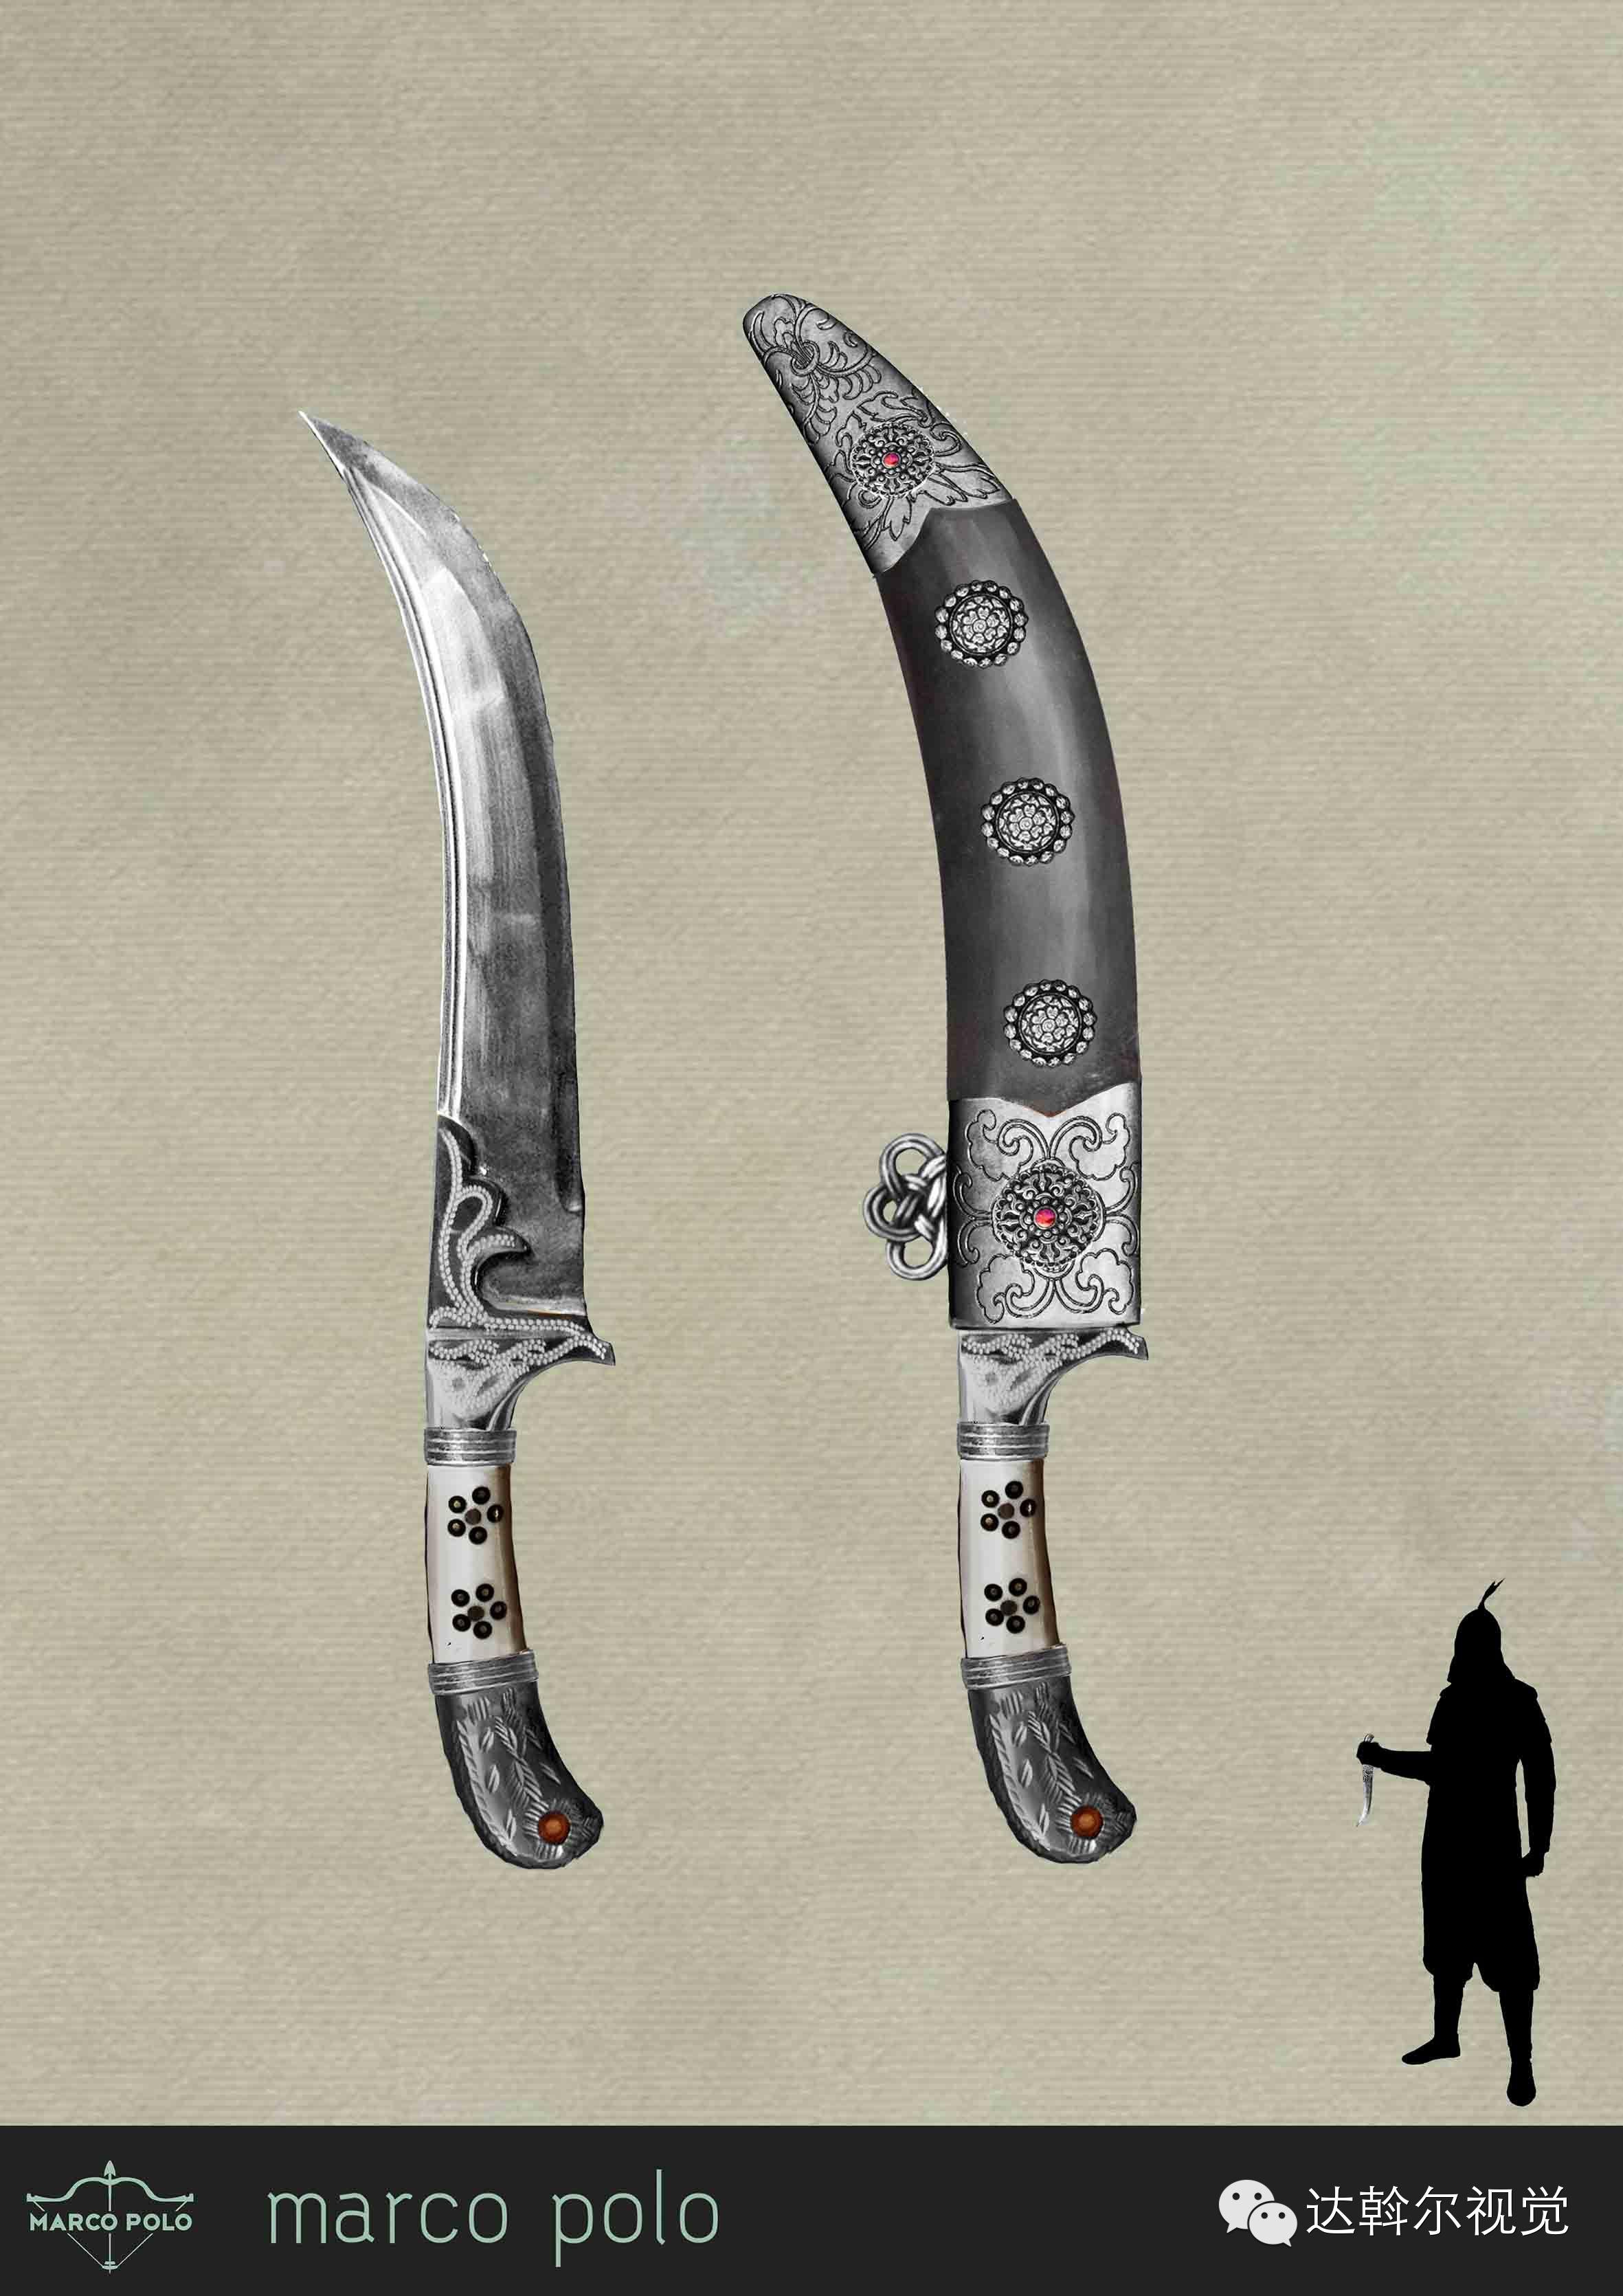 蒙古题材美剧《马可波罗》兵器设计欣赏 第20张